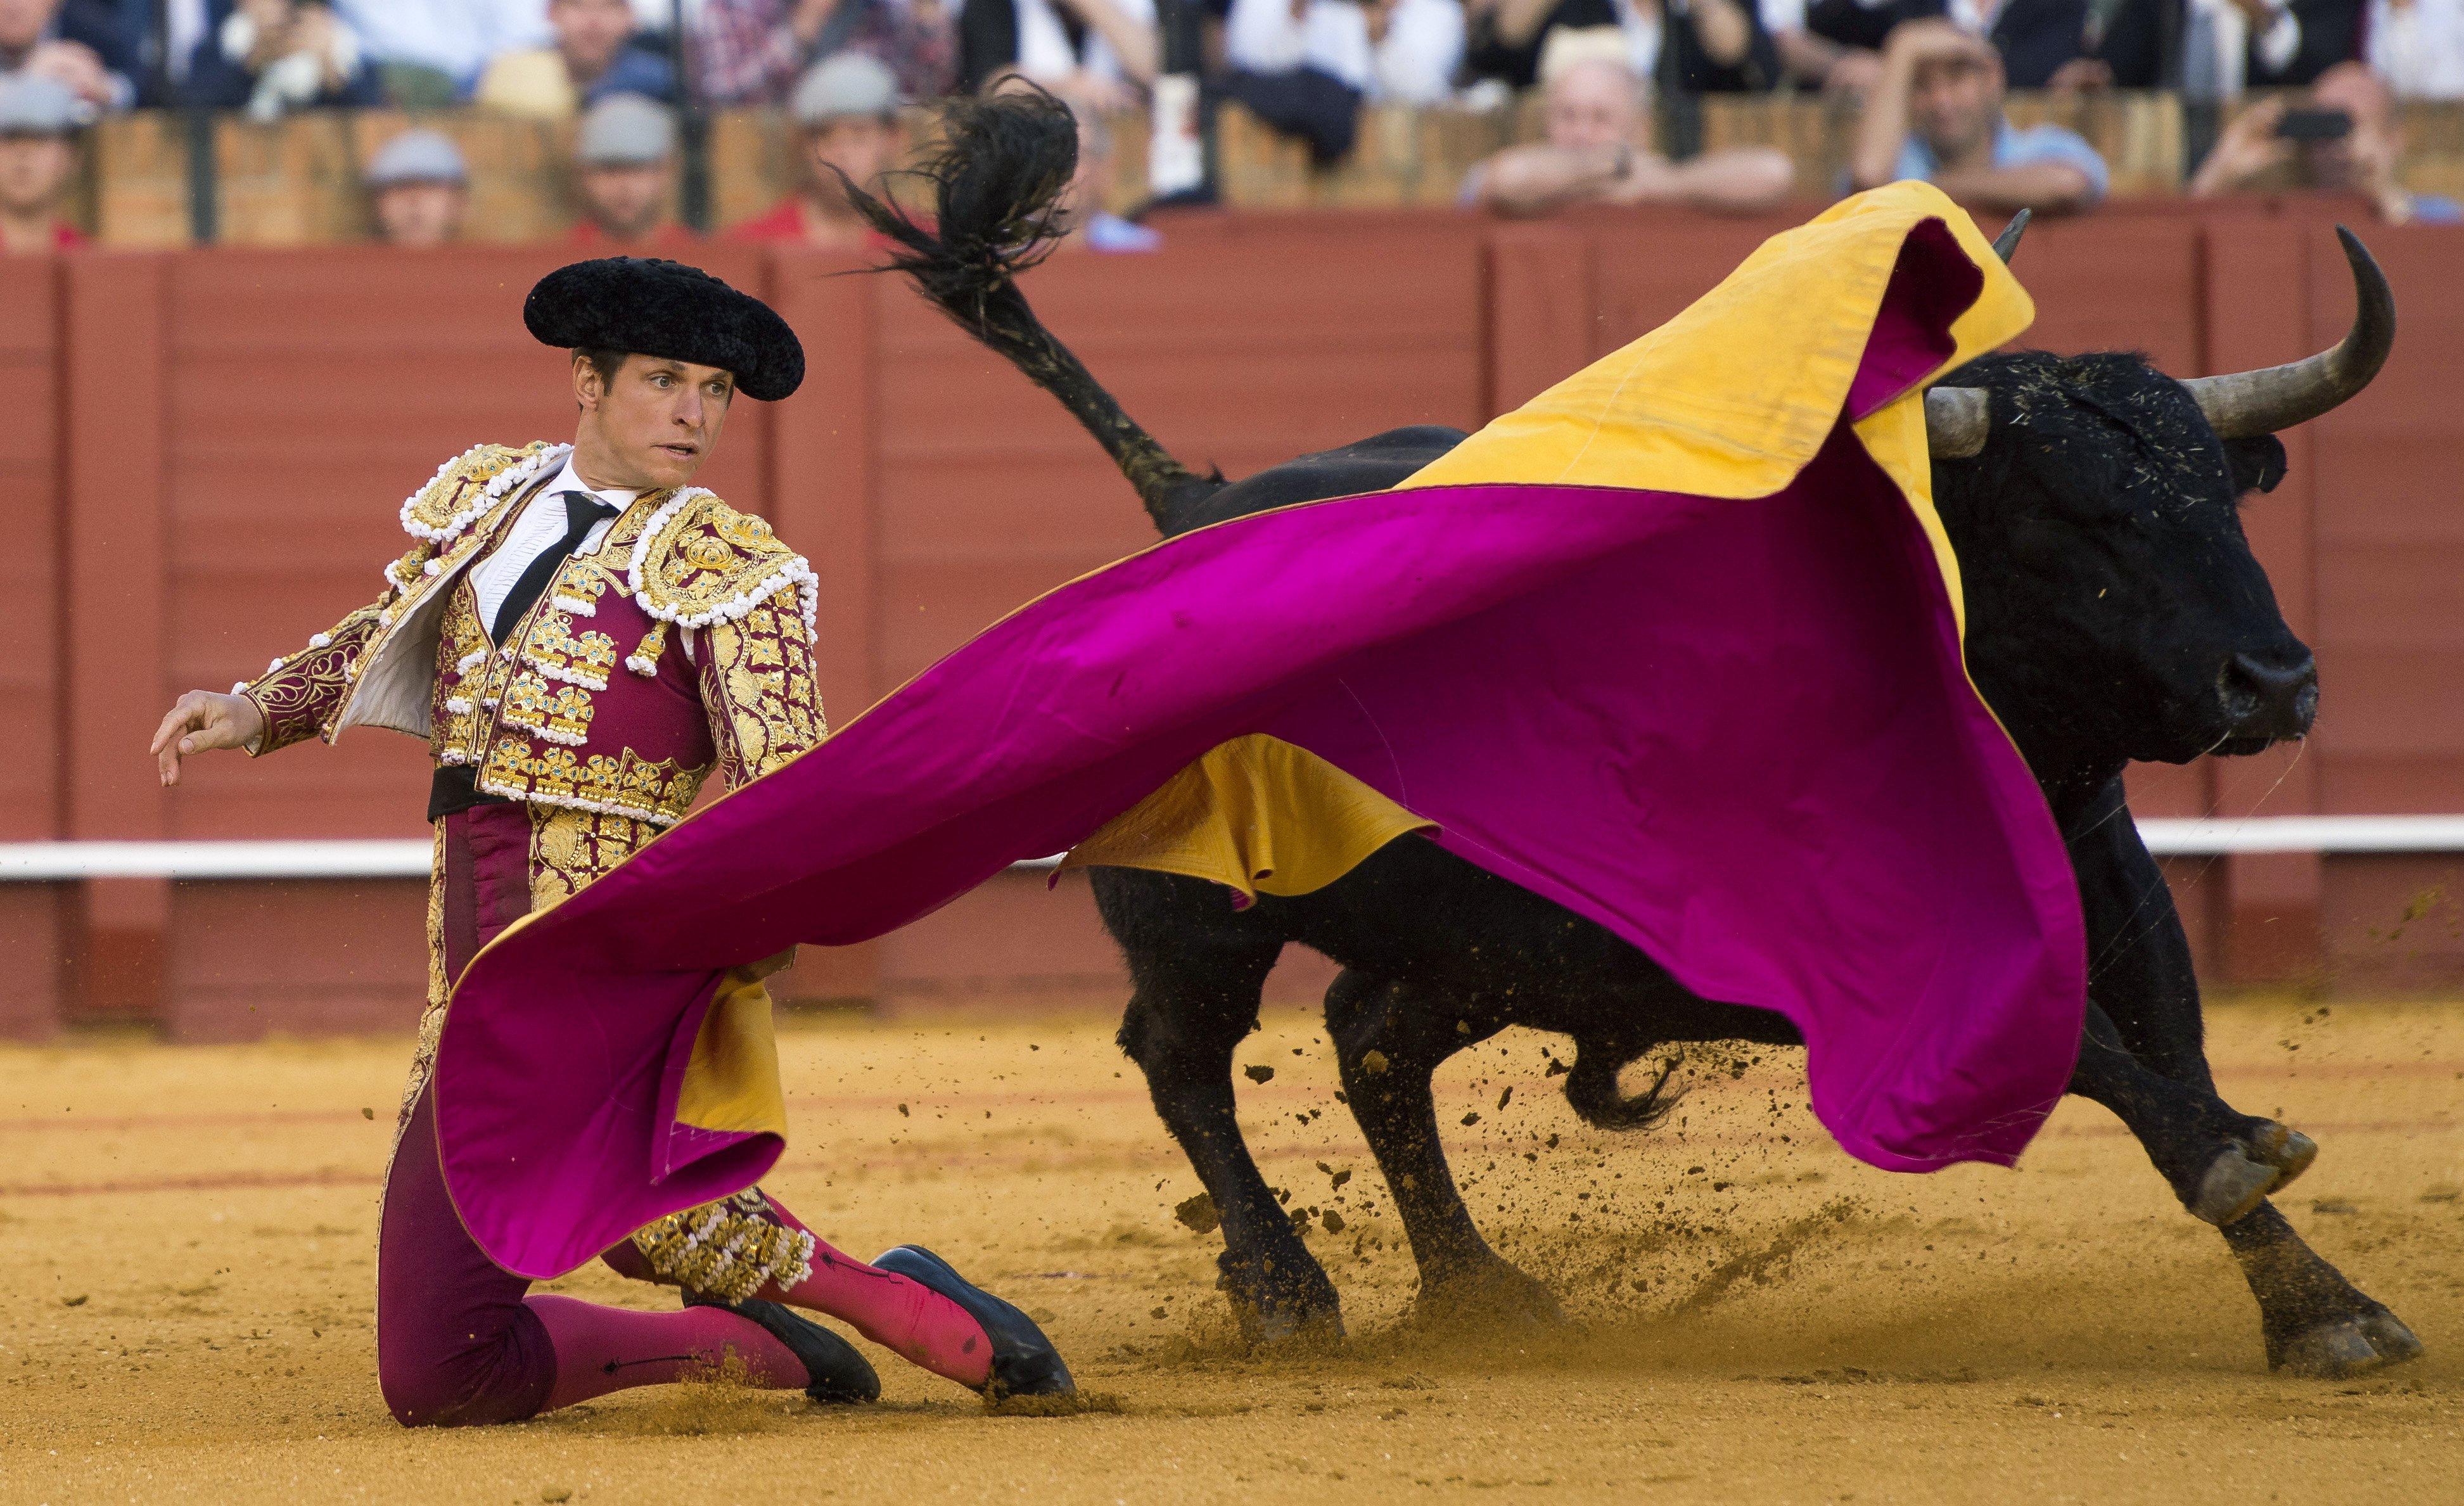 """GRA475. SEVILLA, 08/04/2016.- El diestro Julian López """"El Juli"""" recibe a portagayola a su segundo toro durante la séptima corrida de abono de la Feria de Abril, en la comparte cartel con Morante de la Puebla y Miguel Ángel Perera, que lidiarán toros de Victoriano del Río, en la plaza sevillana de La Maestranza. EFE/Raul Caro Cadenas"""